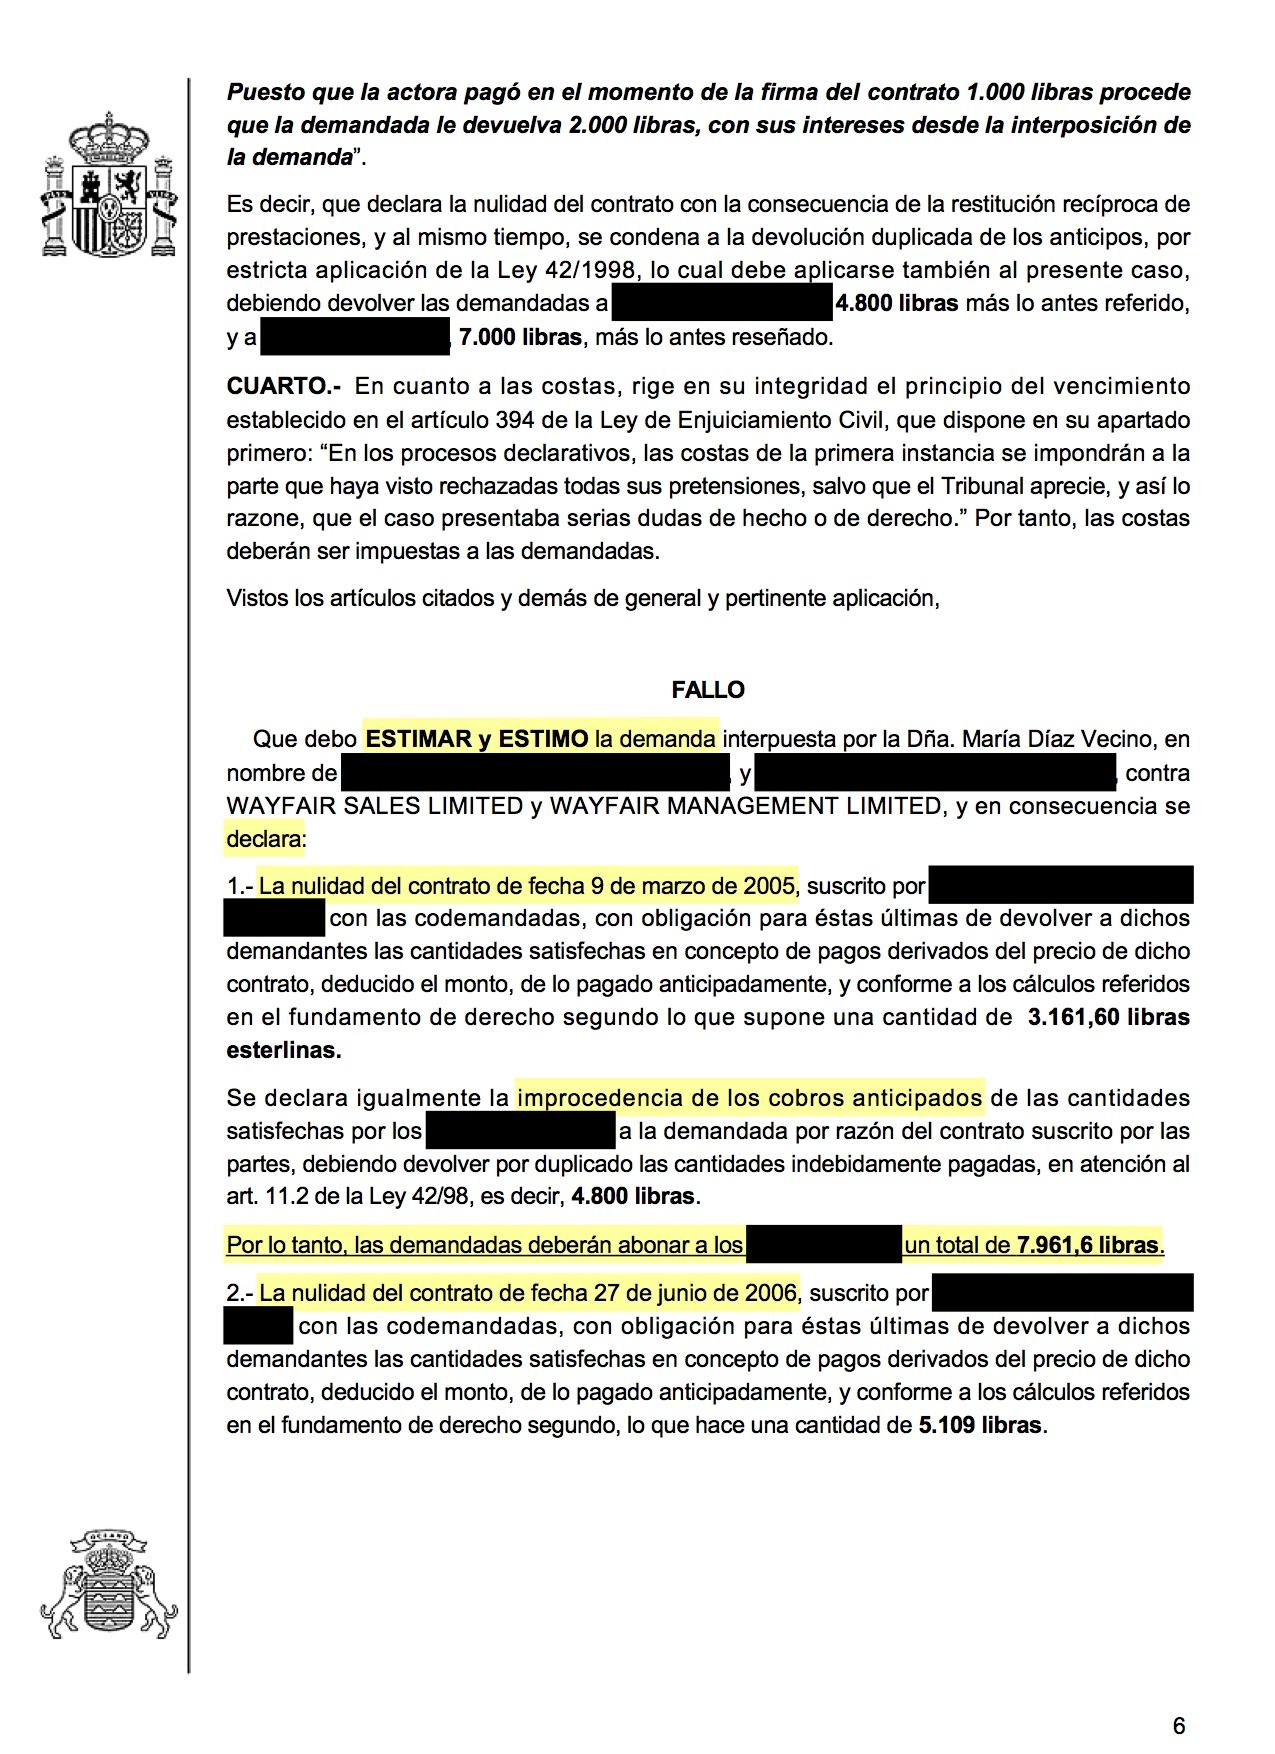 18-03-09 GOODWIN-SMITH. Sentencia de Primera Instancia. Granadilla3. Estimatoria integra, con efectos, anticipos y costas legales 2.jpg